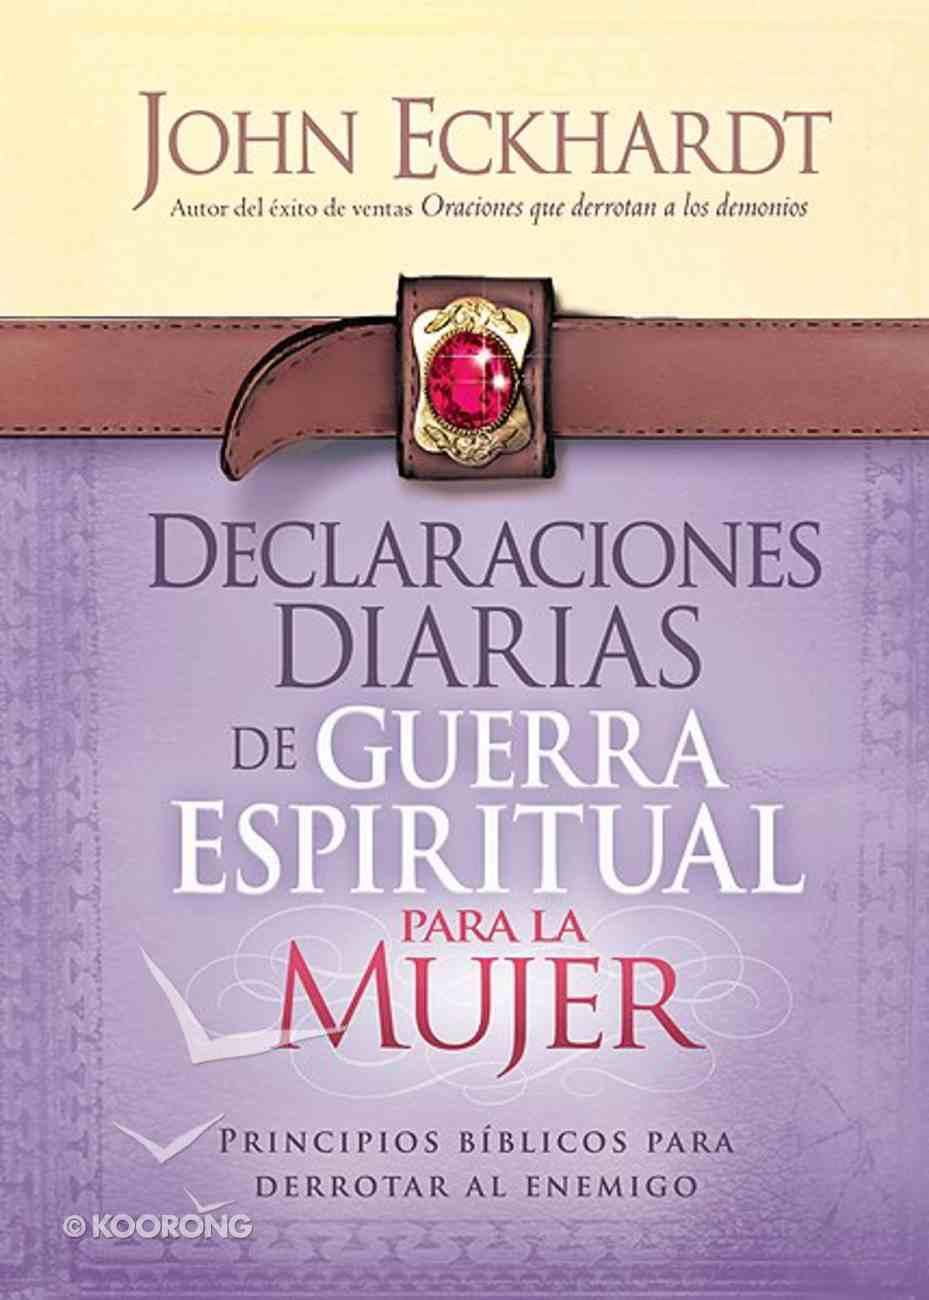 Declaraciones Diarias De Guerra Espiritual Para La Mujer: Principios Biblicos Para Derrotar Al Enemigo Paperback